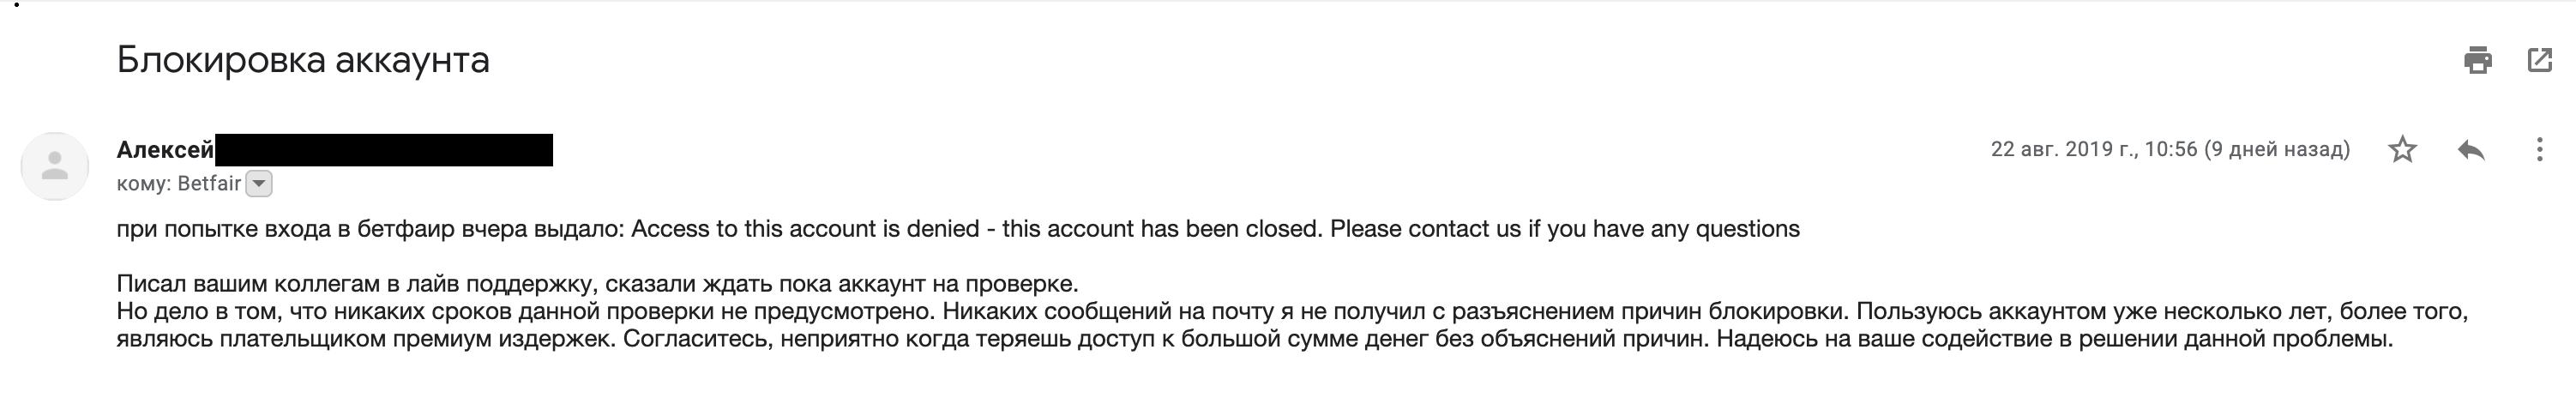 betfair заблокирован аккаунт